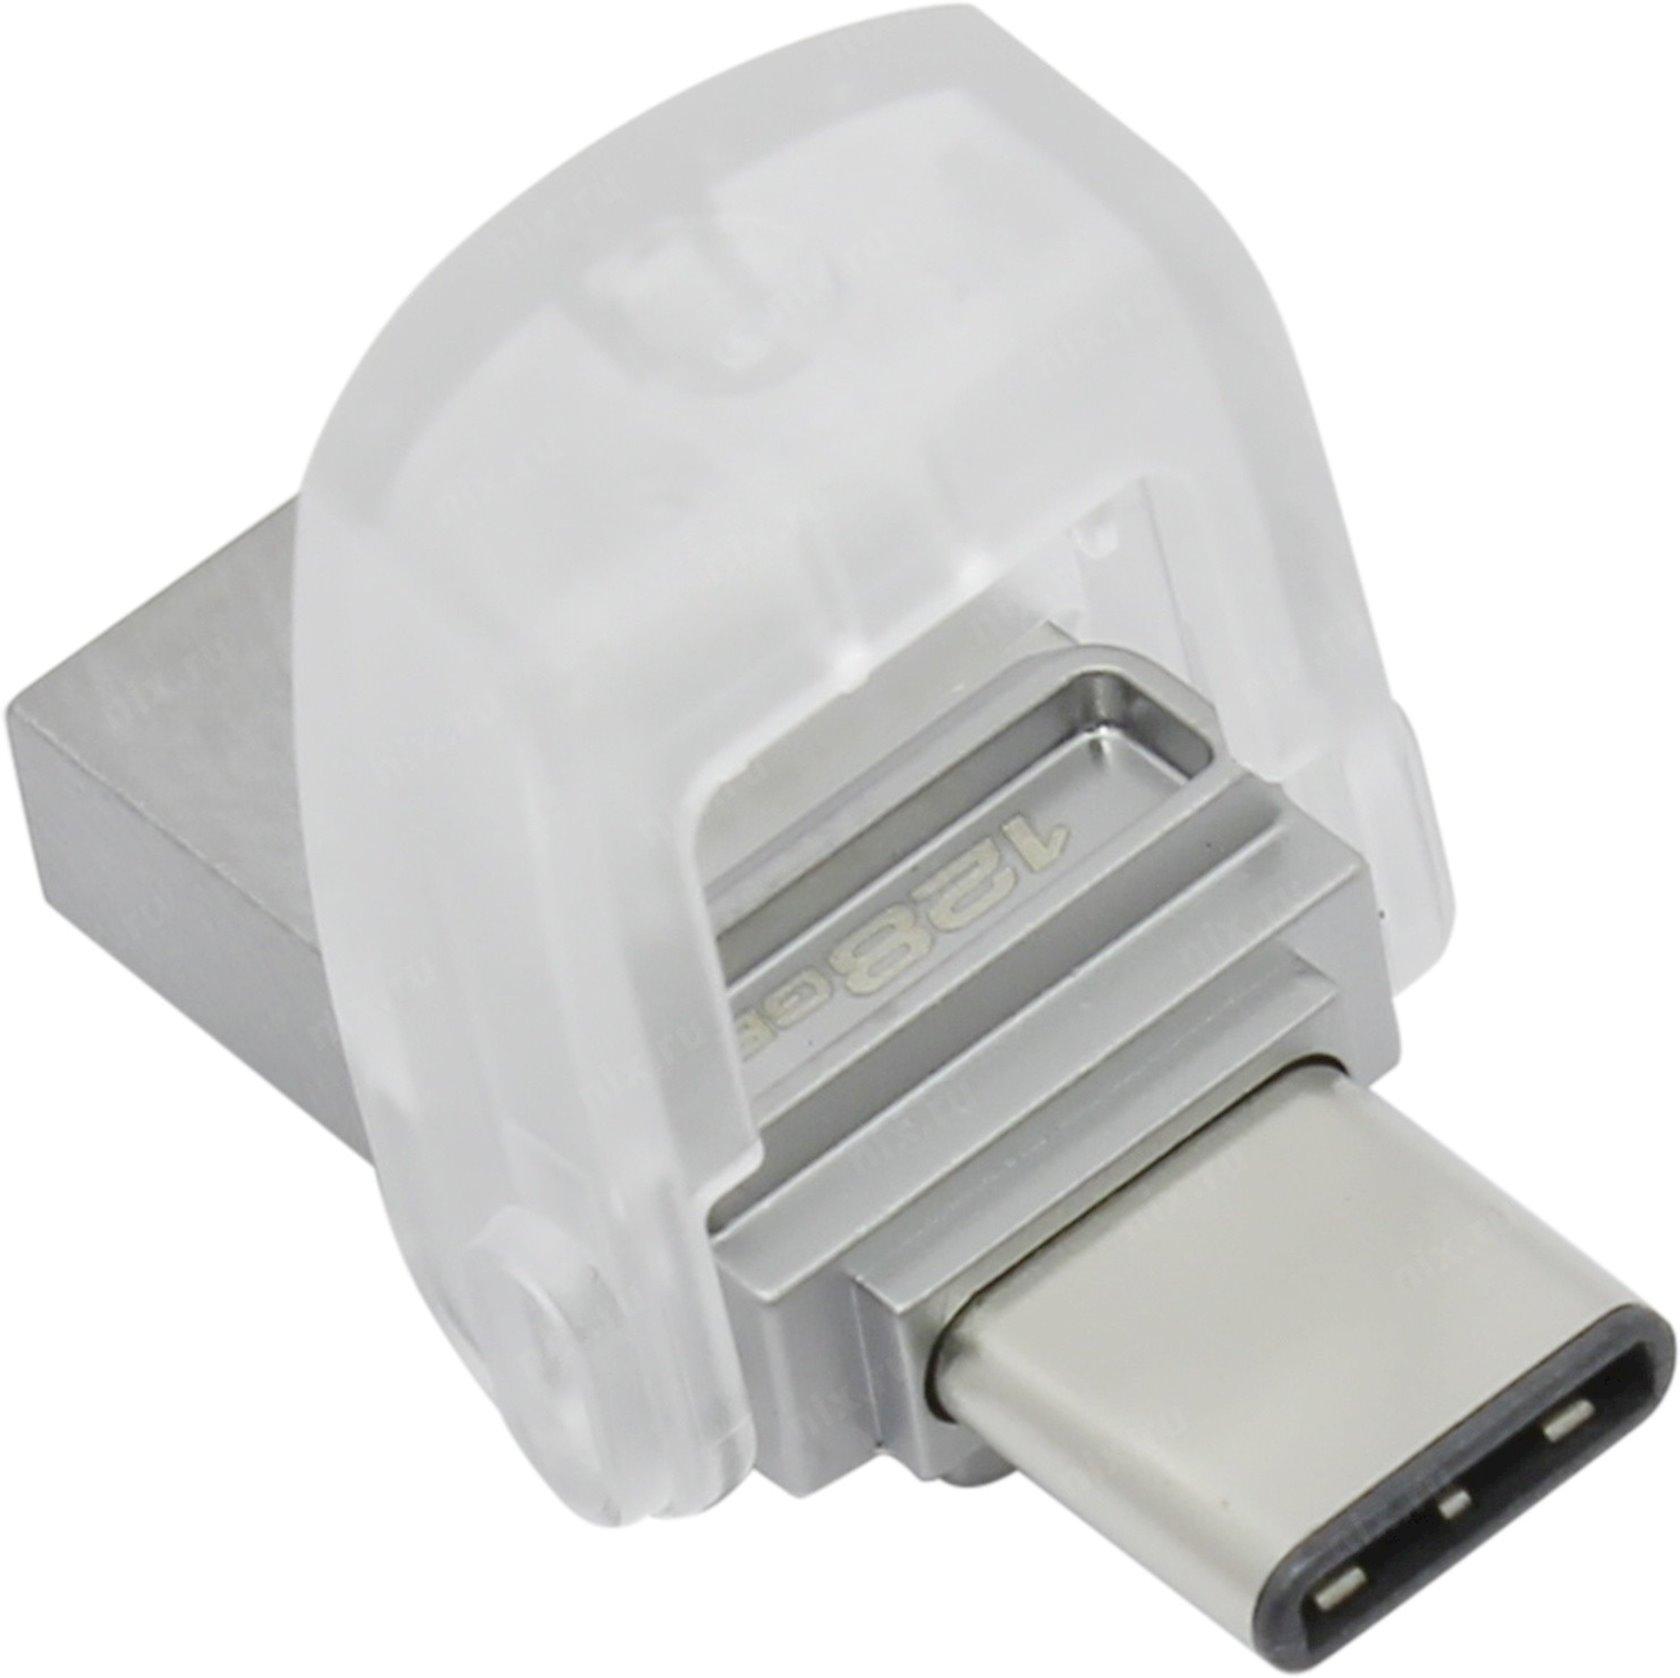 Flash yaddaş Kingston 128GB DT microDuo 3C, USB 3.0/3.1